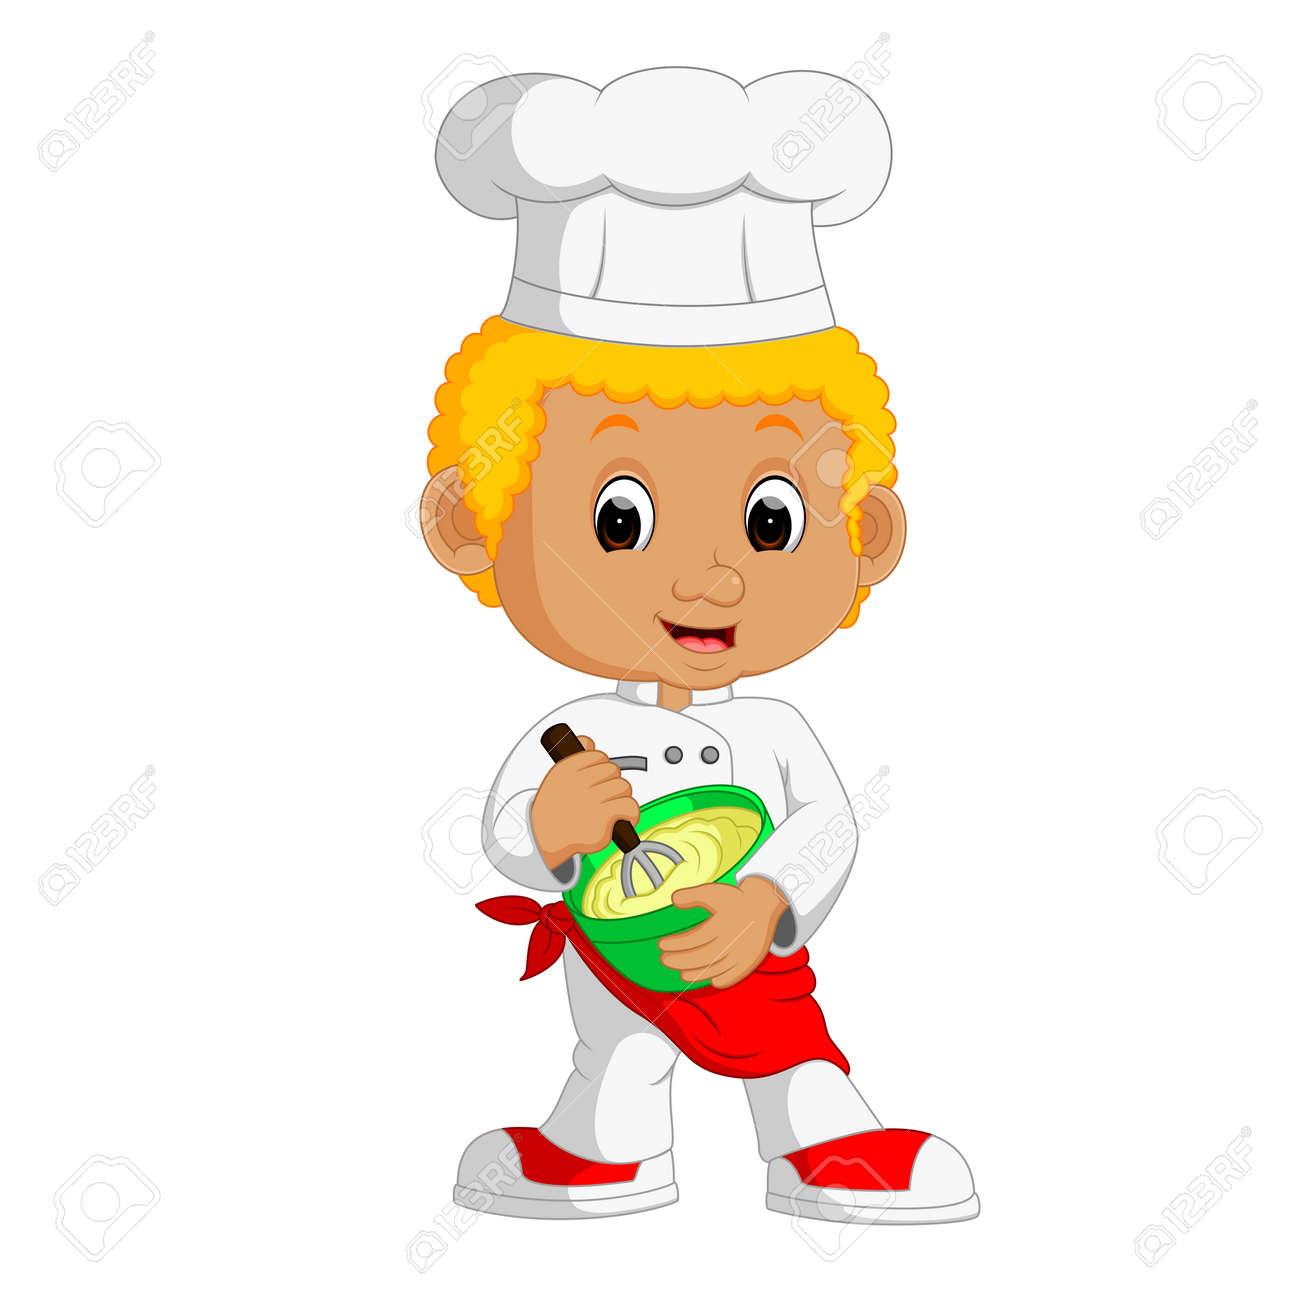 Divertidos Dibujos Animados Niño Toma Chef De La Torta Fotos